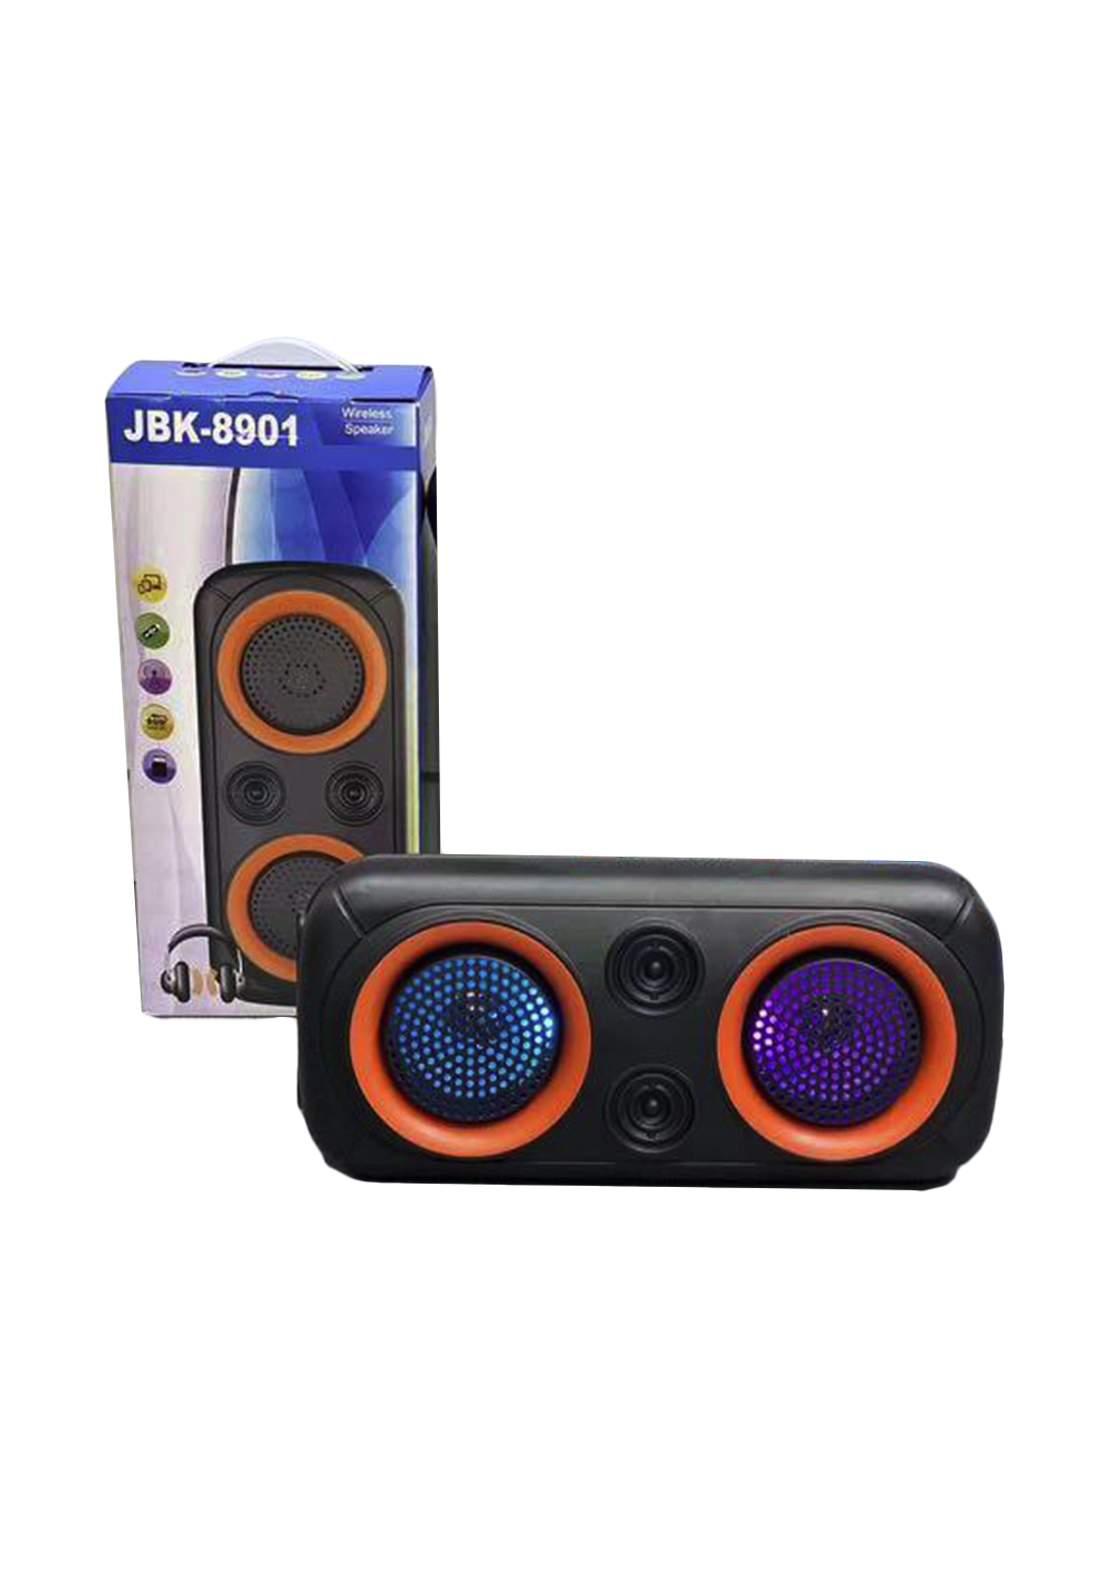 Jbk 8901 Wireless Speaker-Black مكبر صوت